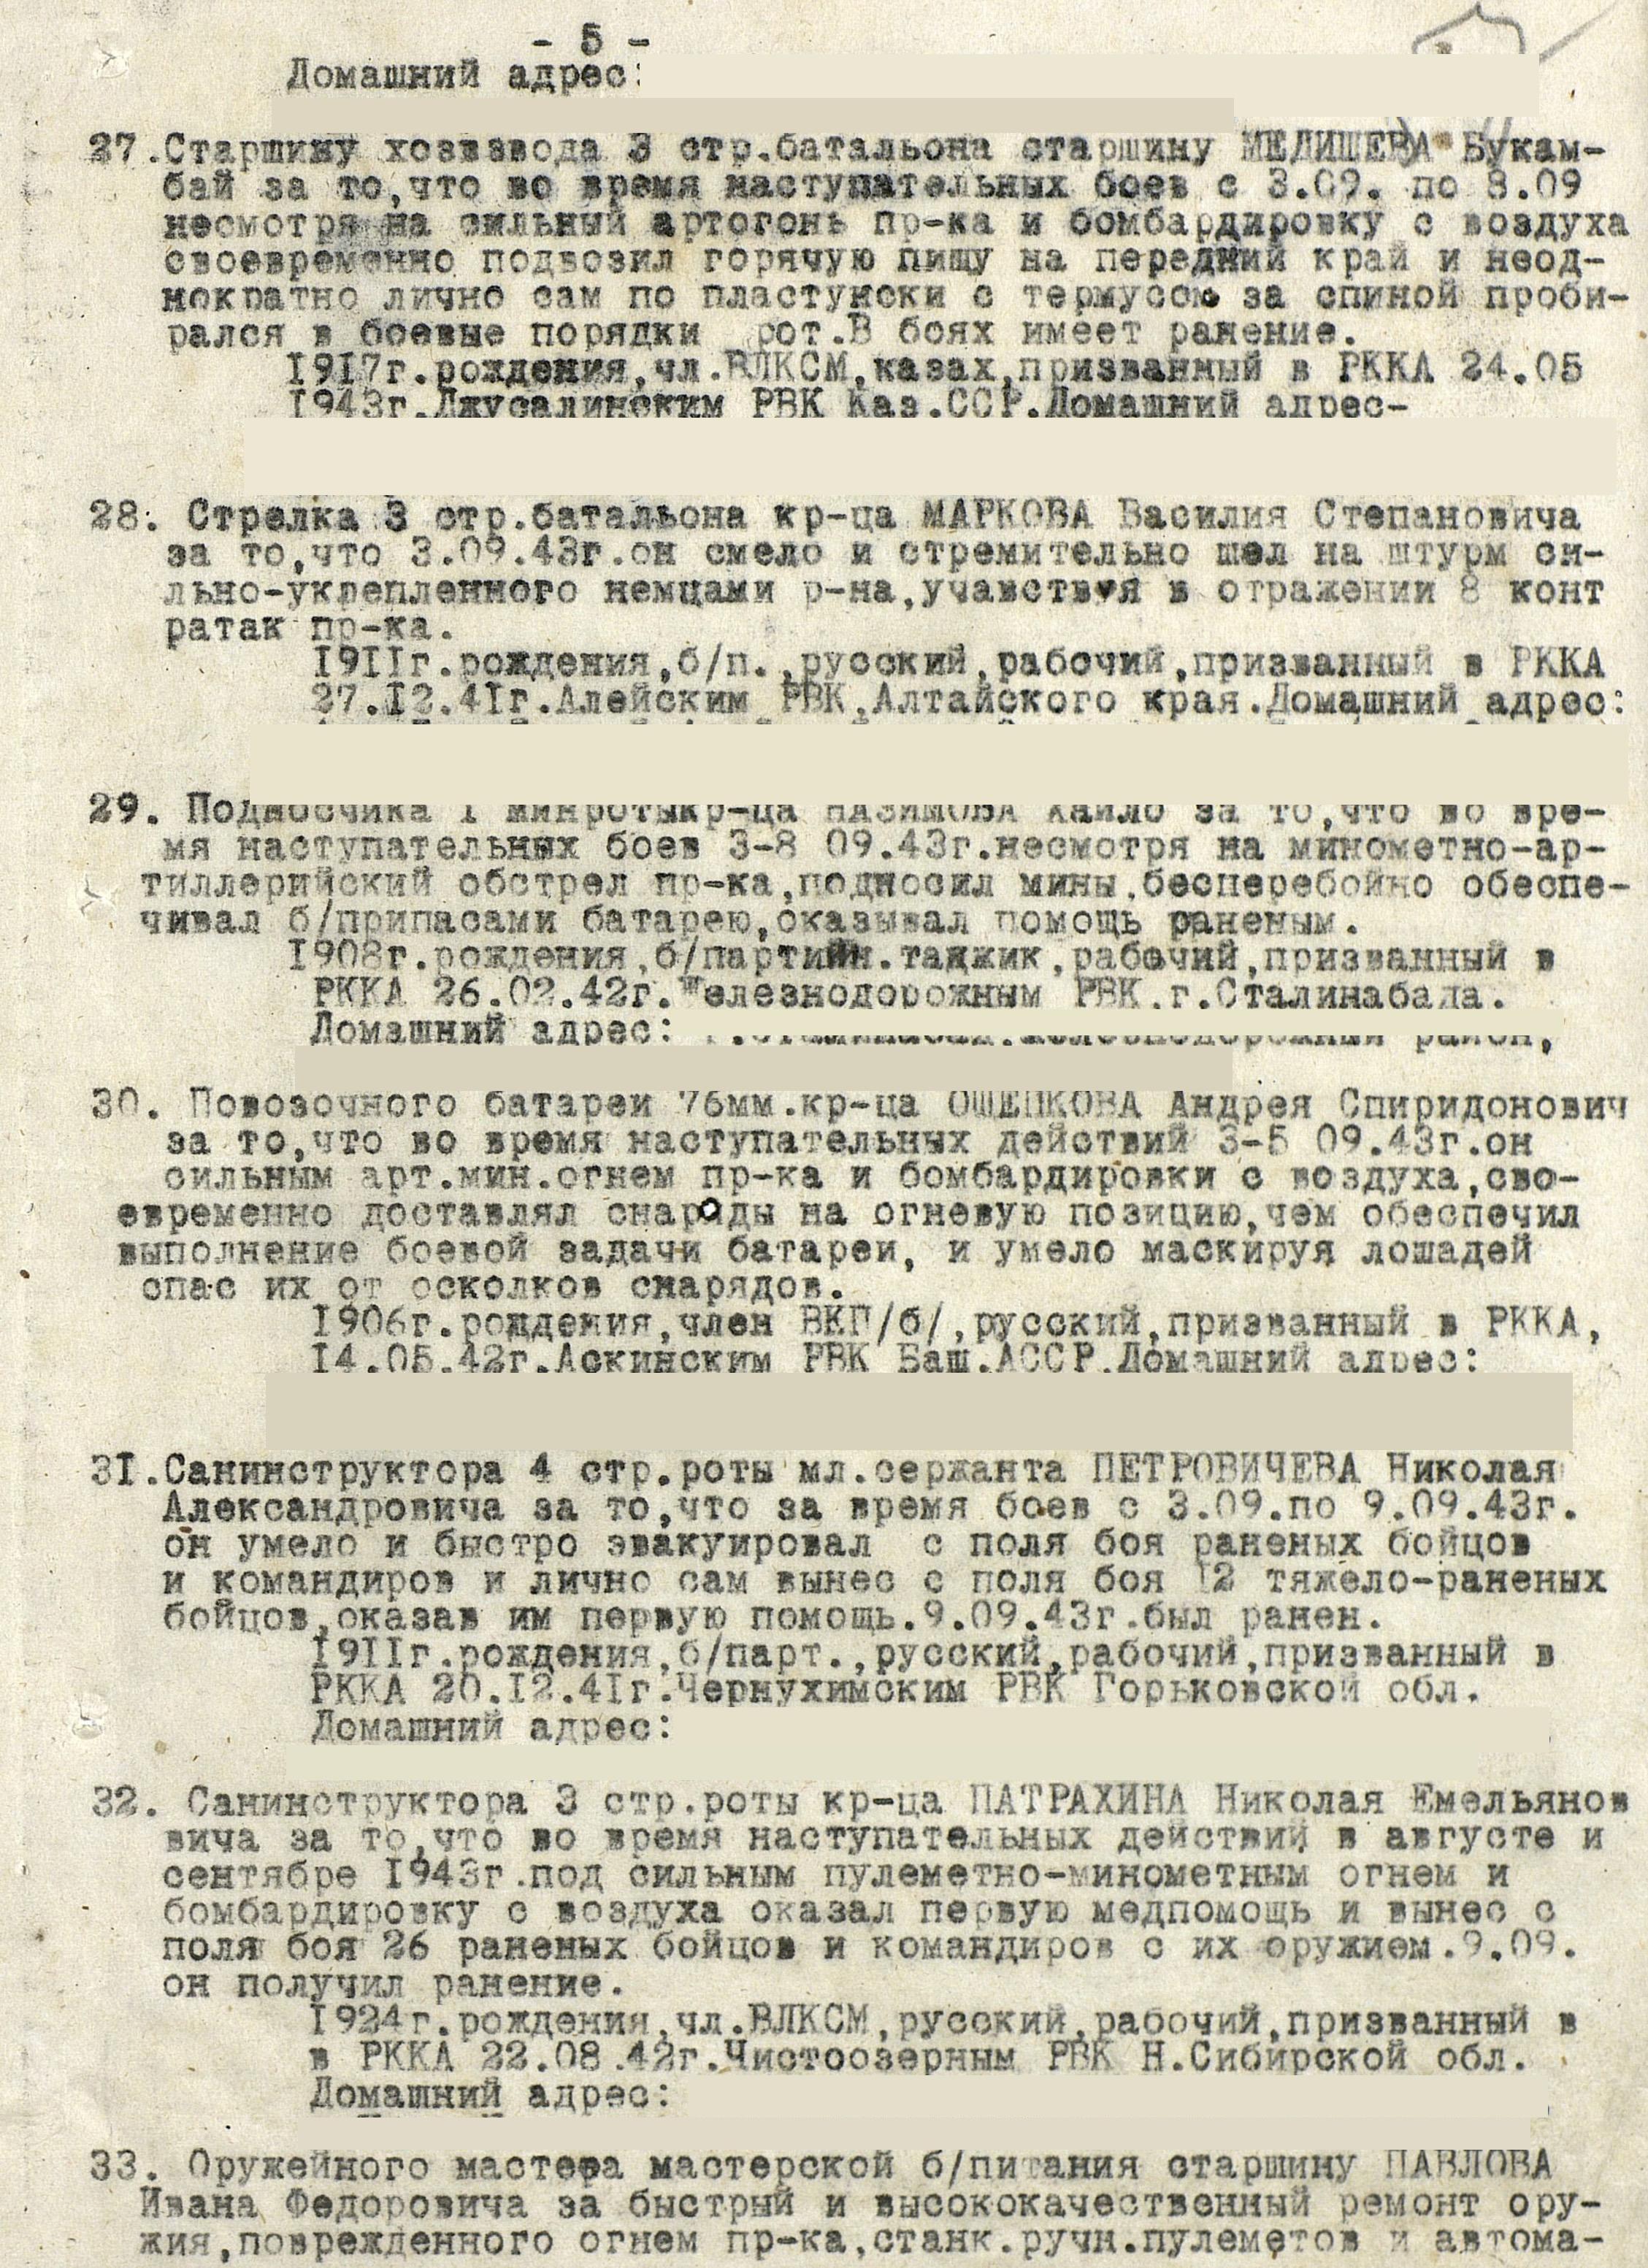 Наградной лист Данилова Петра Михайловича о представлении к награждению медалью за отвагу